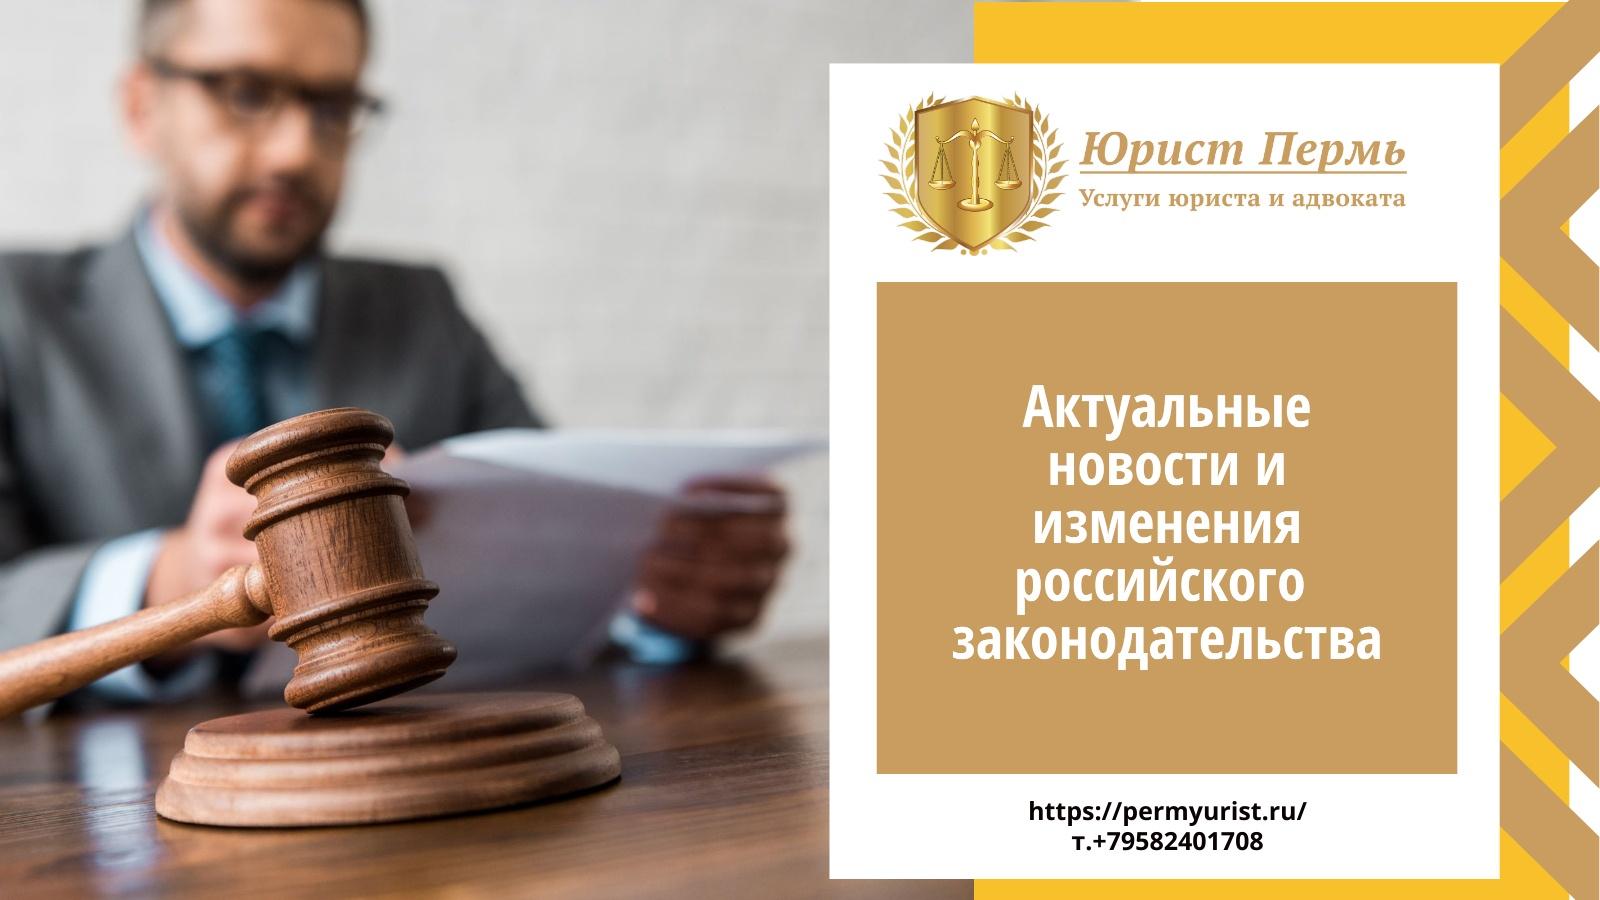 Новости | Юрист Пермь адвокат